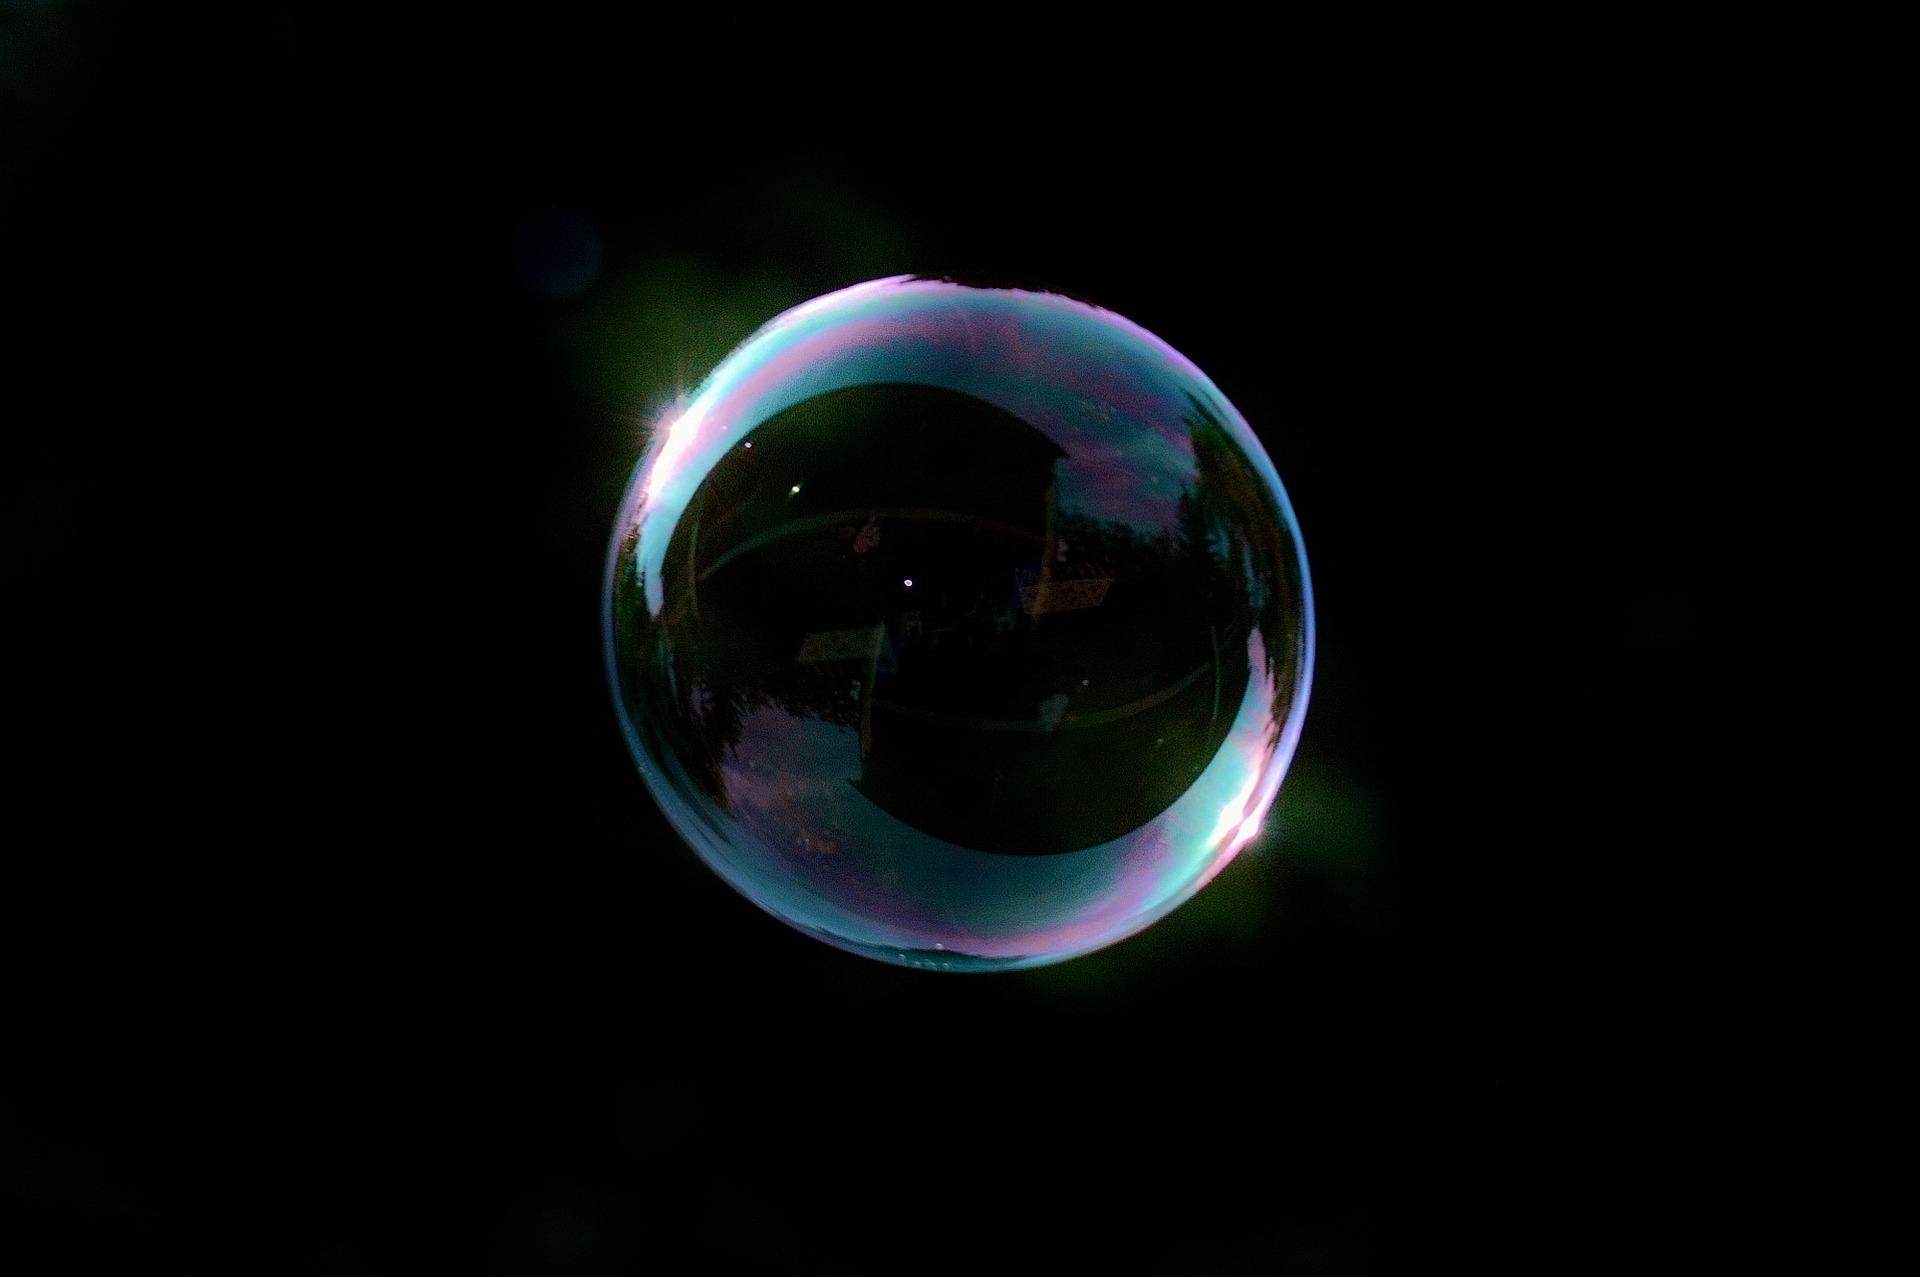 soap-bubble-817421_1920.jpg